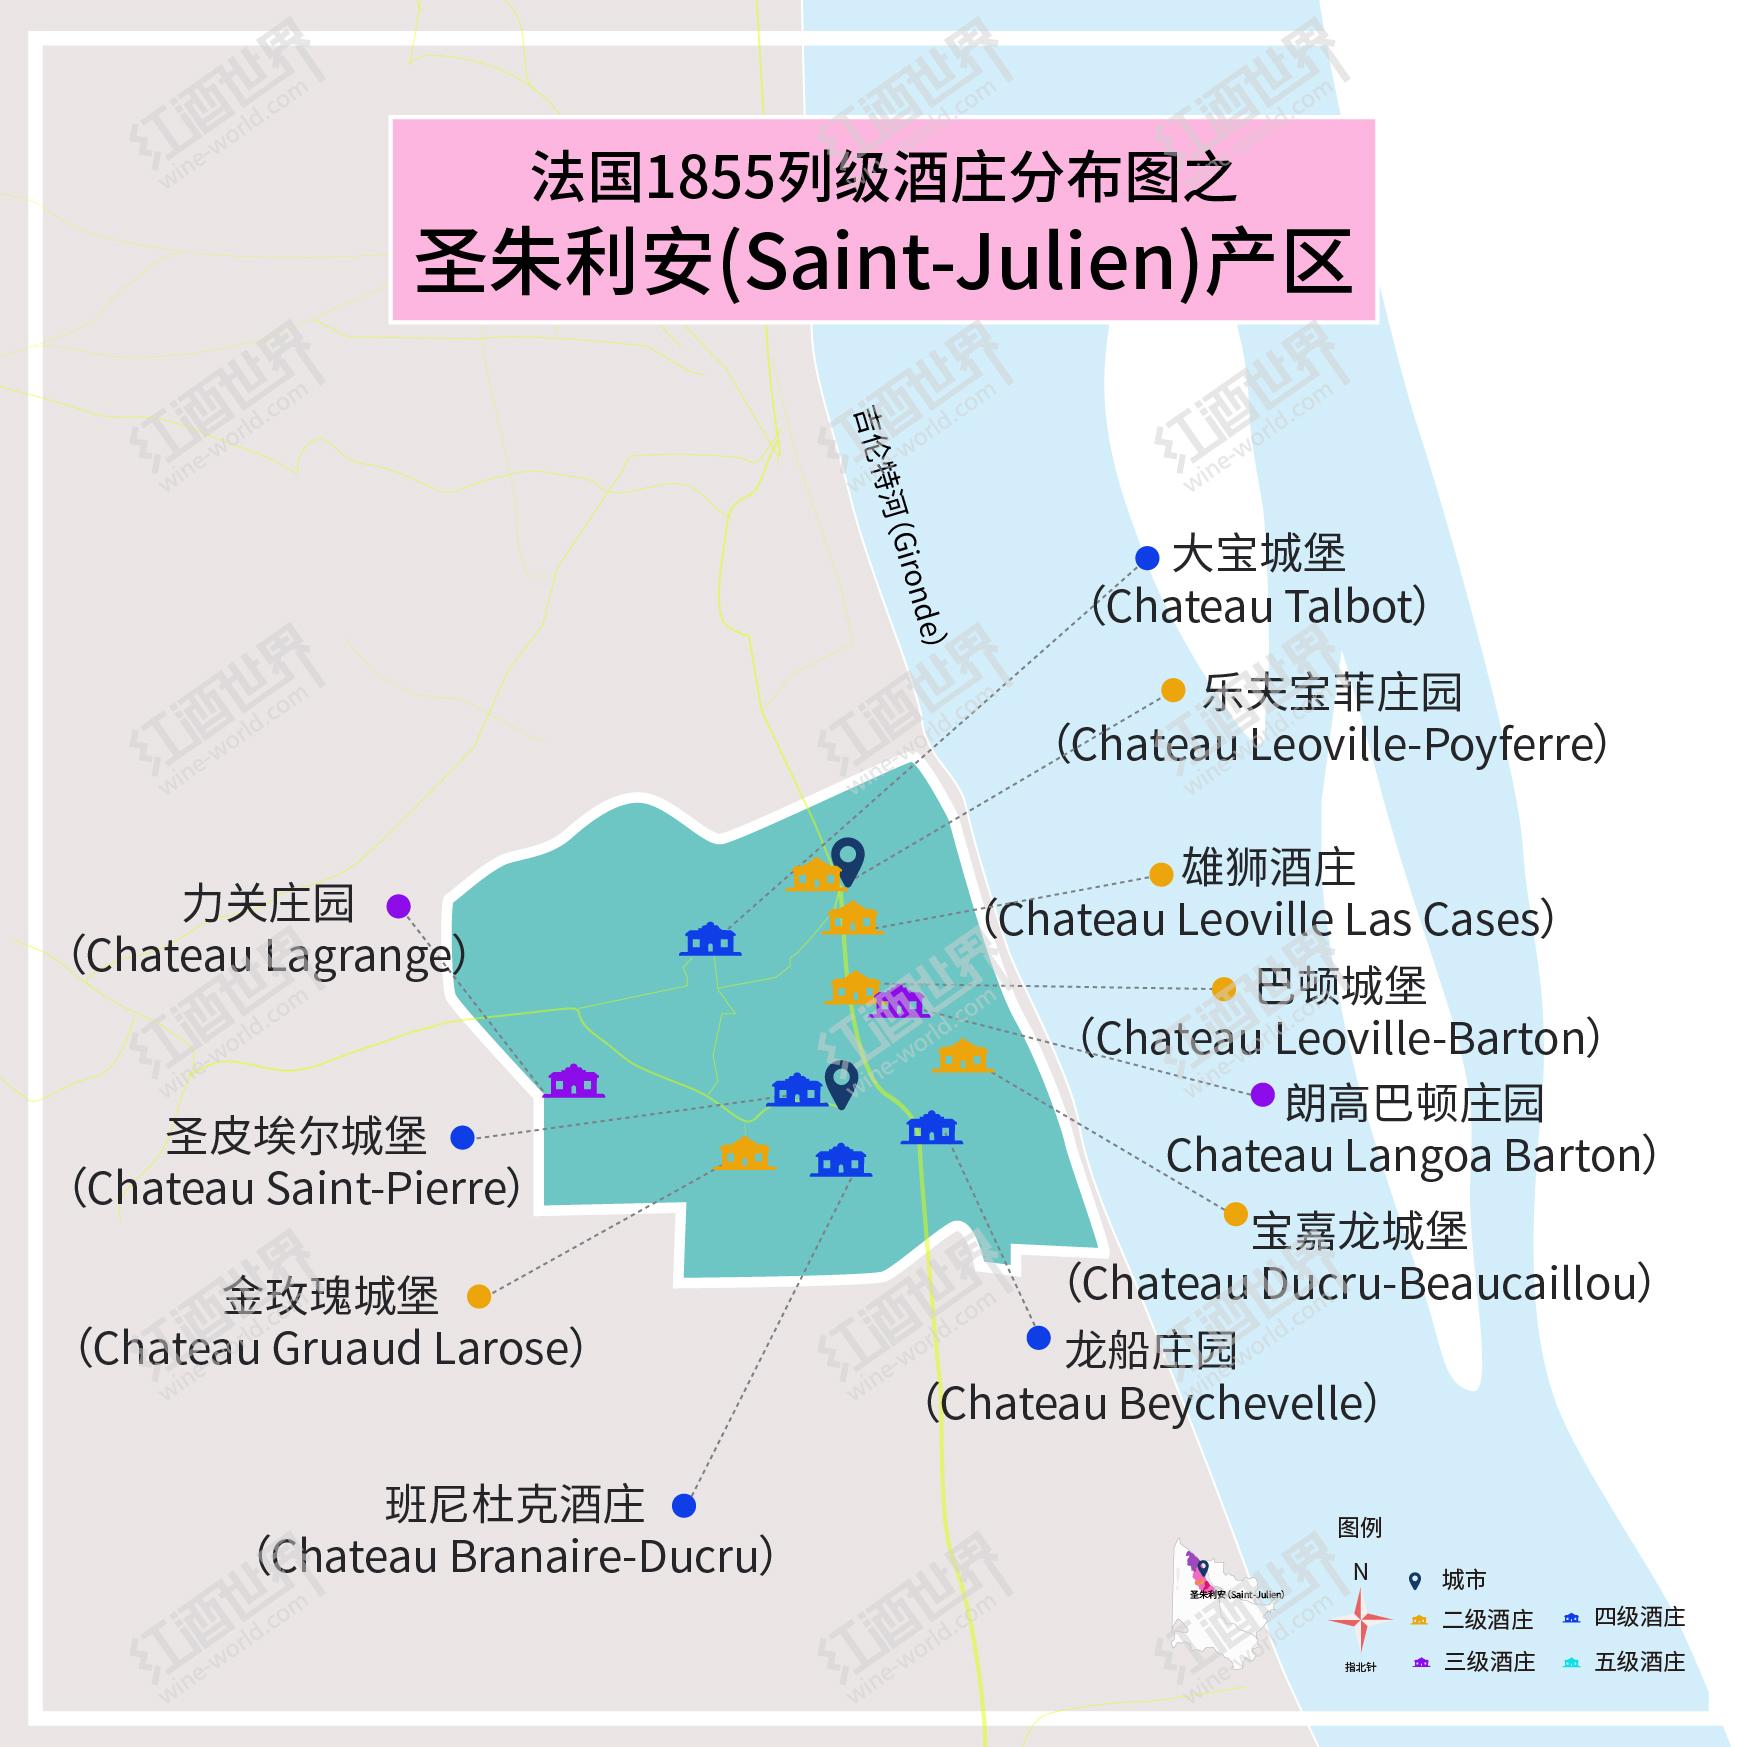 波尔多1855列级庄分布图——圣朱利安